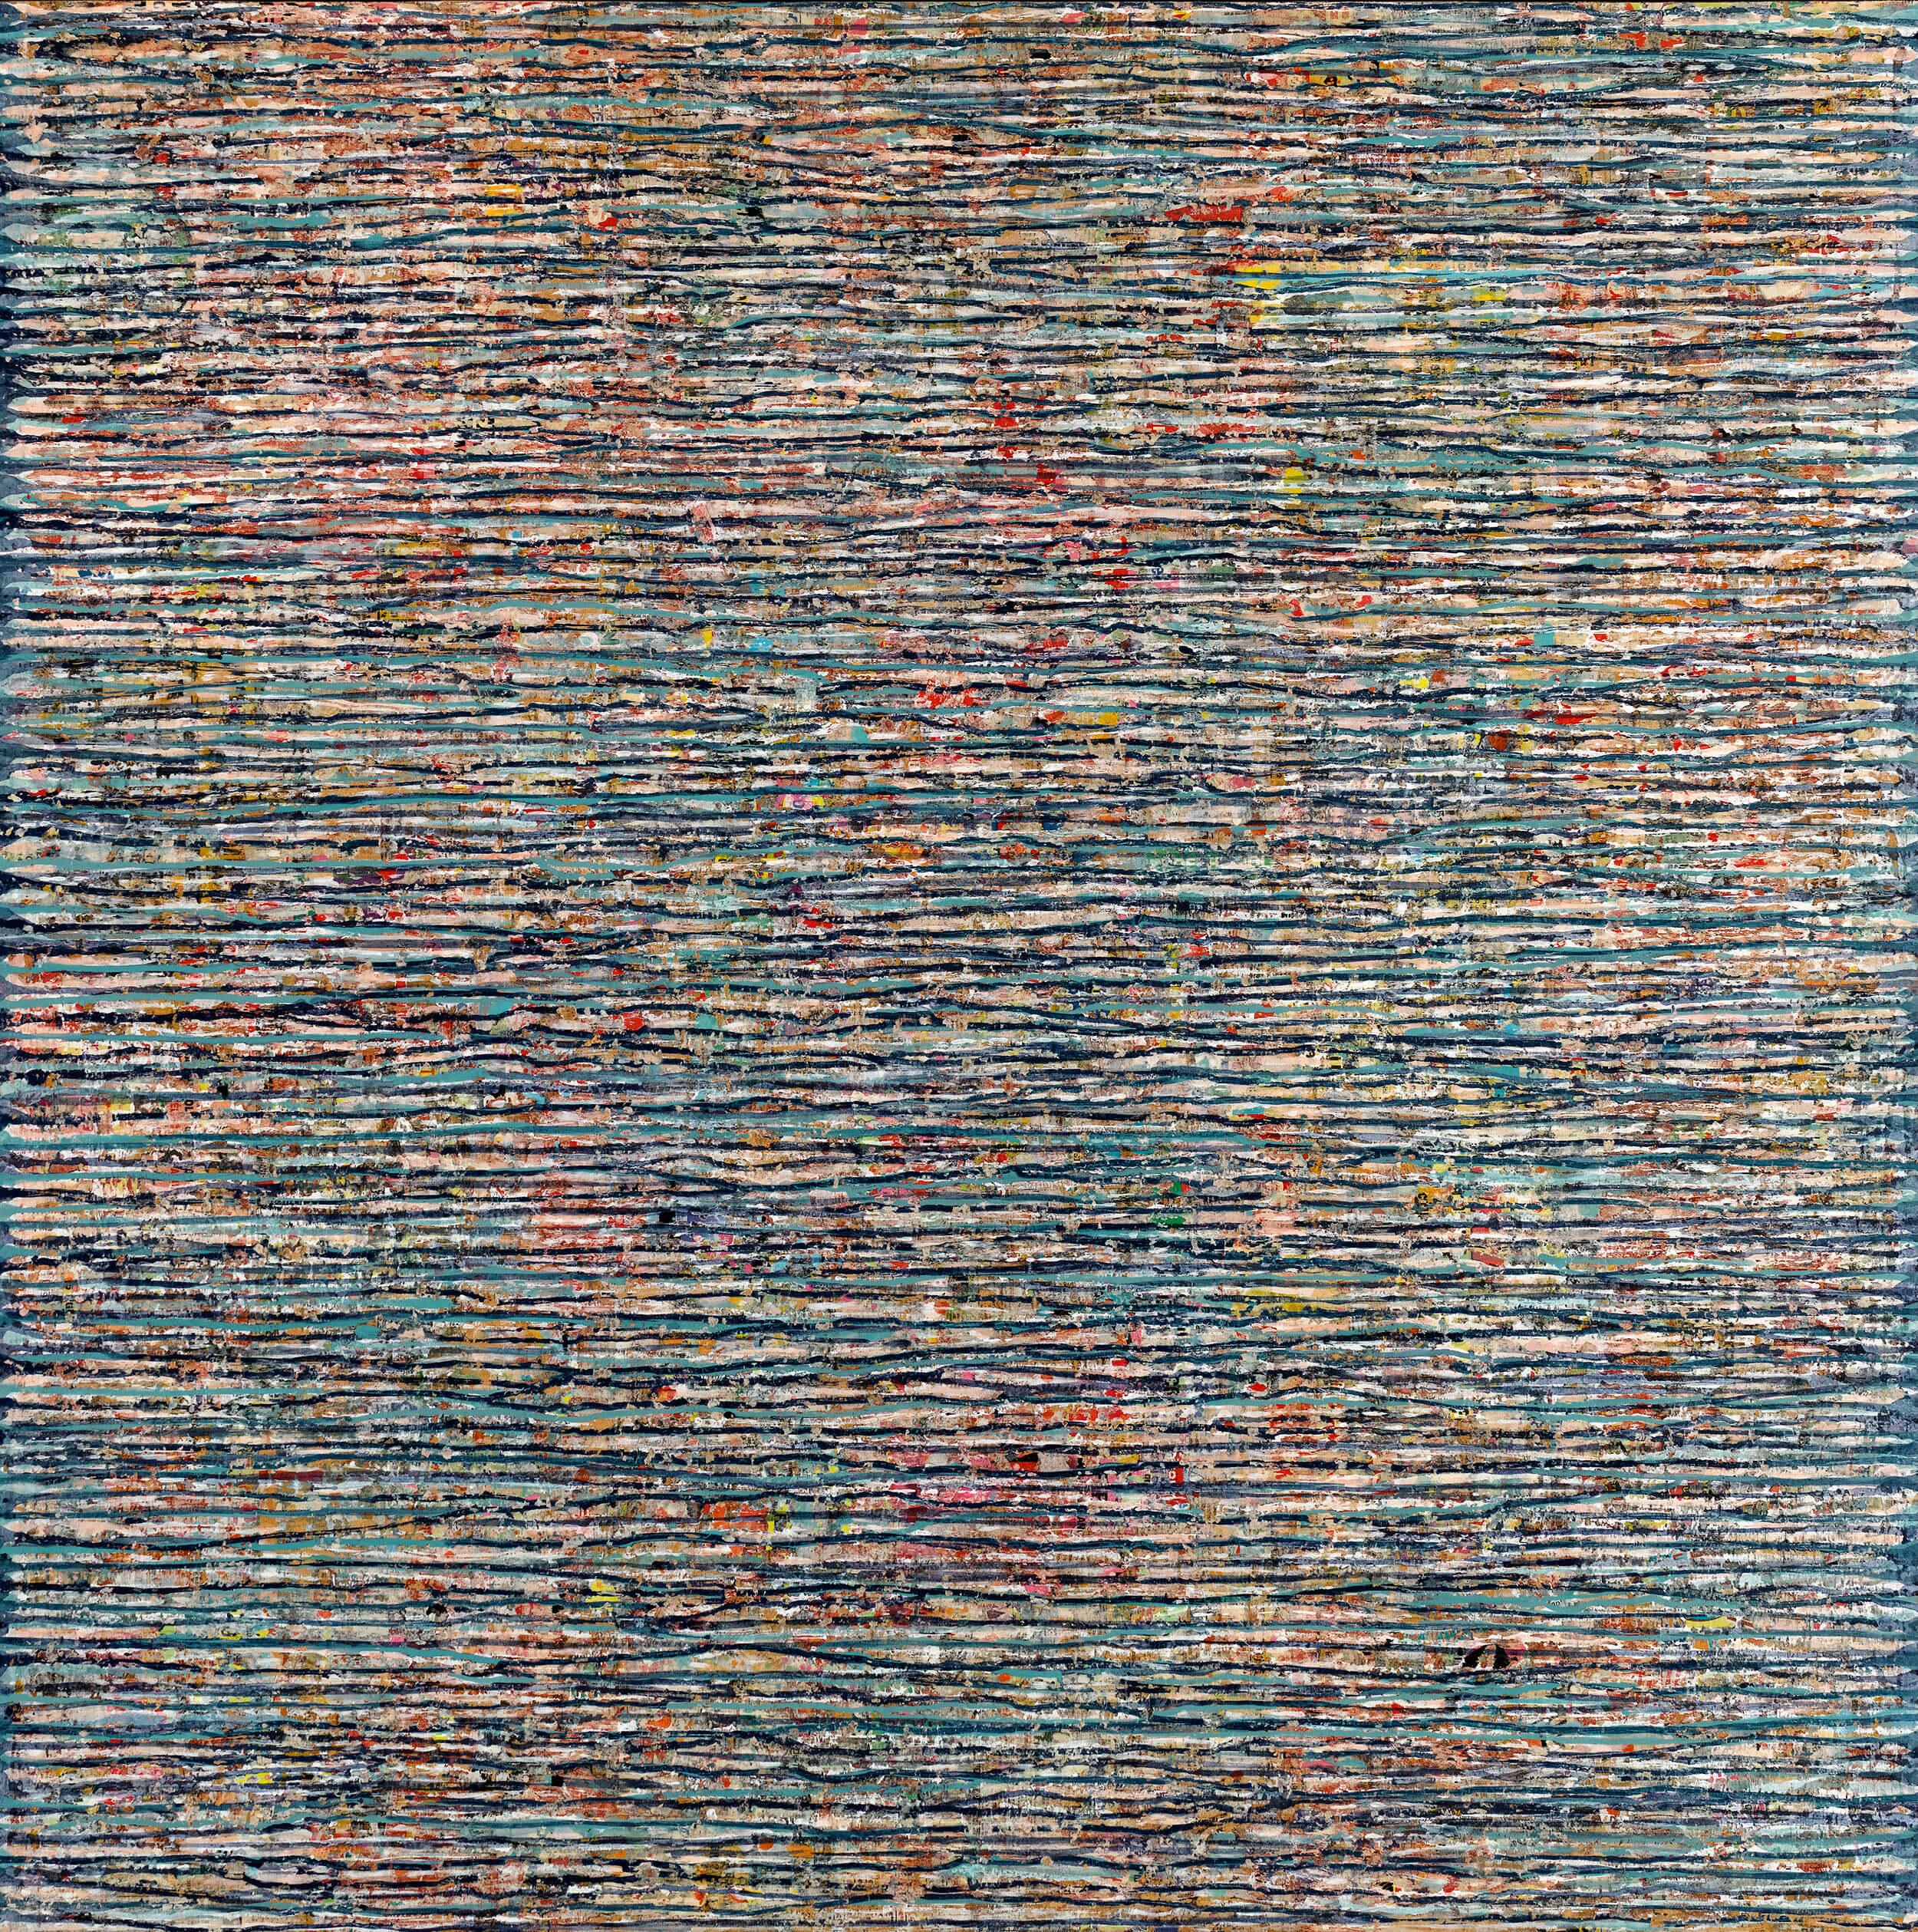 Vincent LEMAÎTRE - APC.702 - Acrylique/collage sur médium 3mm, châssis, 110 x 110 cm